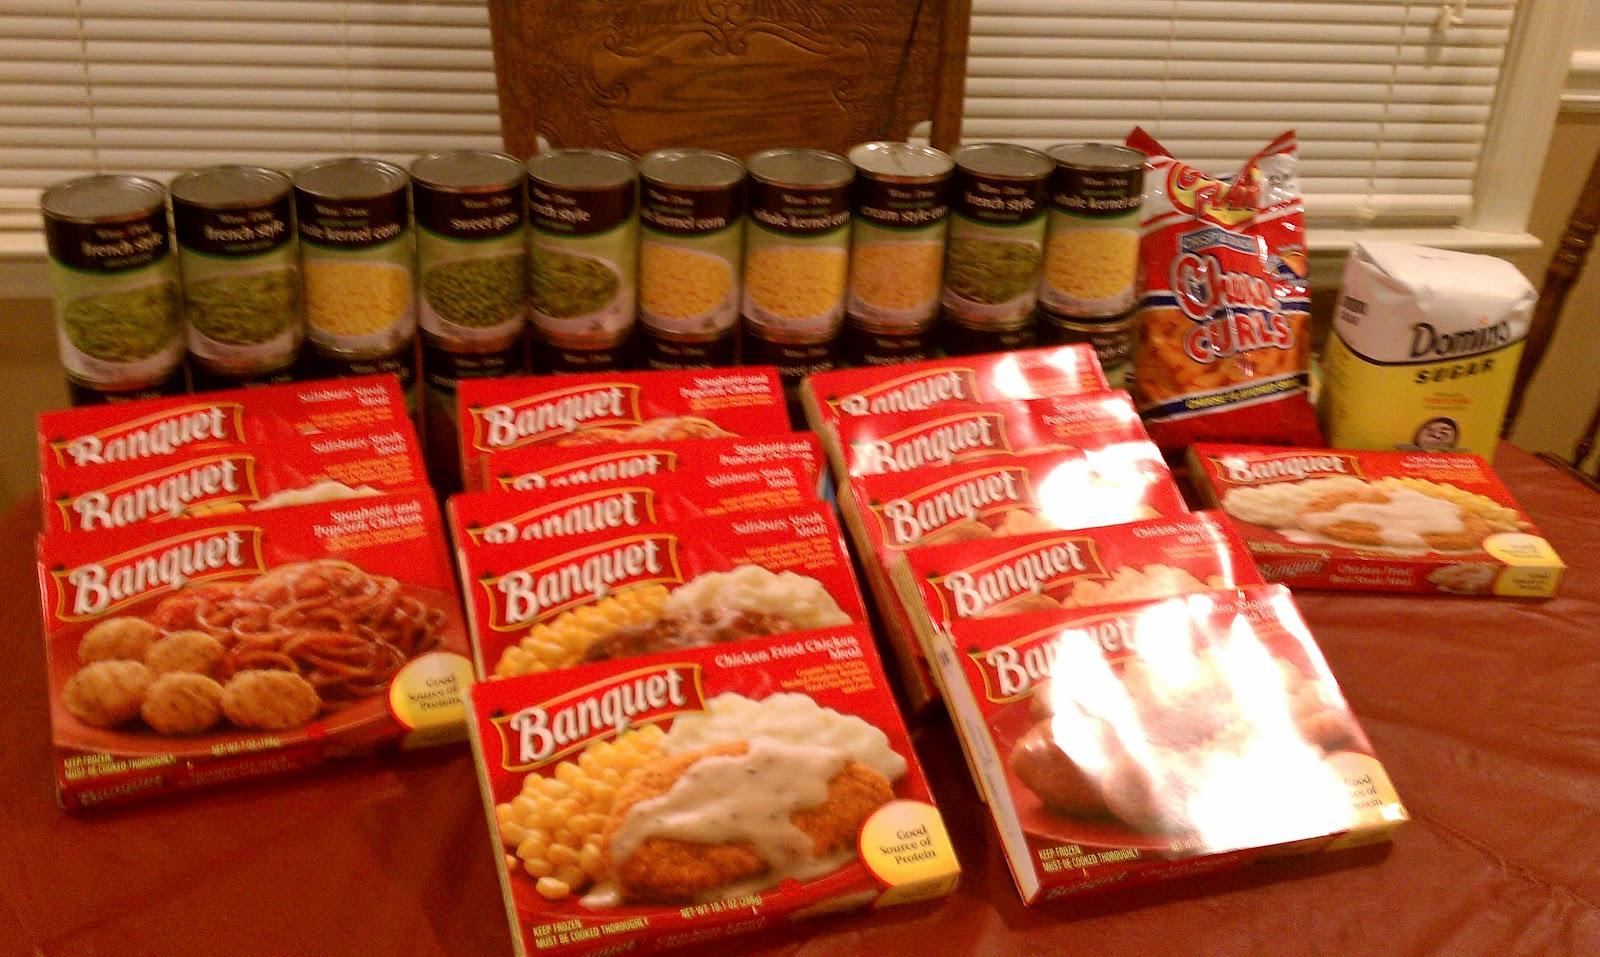 Winn dixie free groceries myideasbedroom com